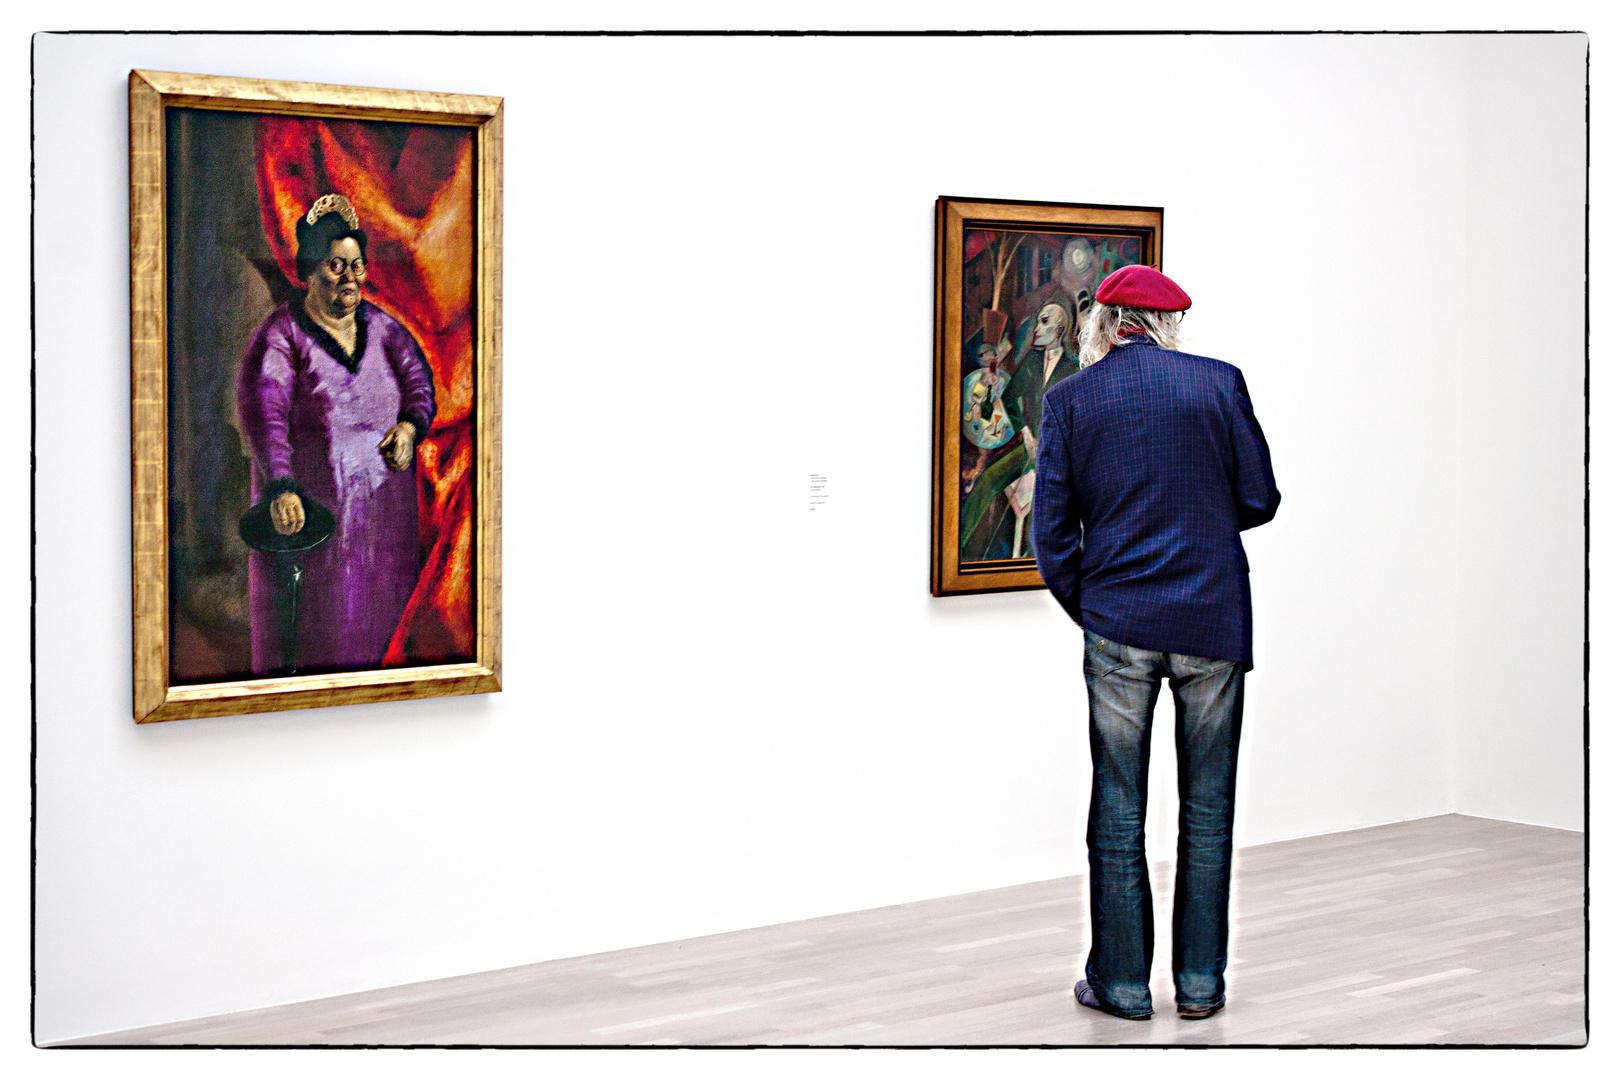 Der Künstler ist anwesend?